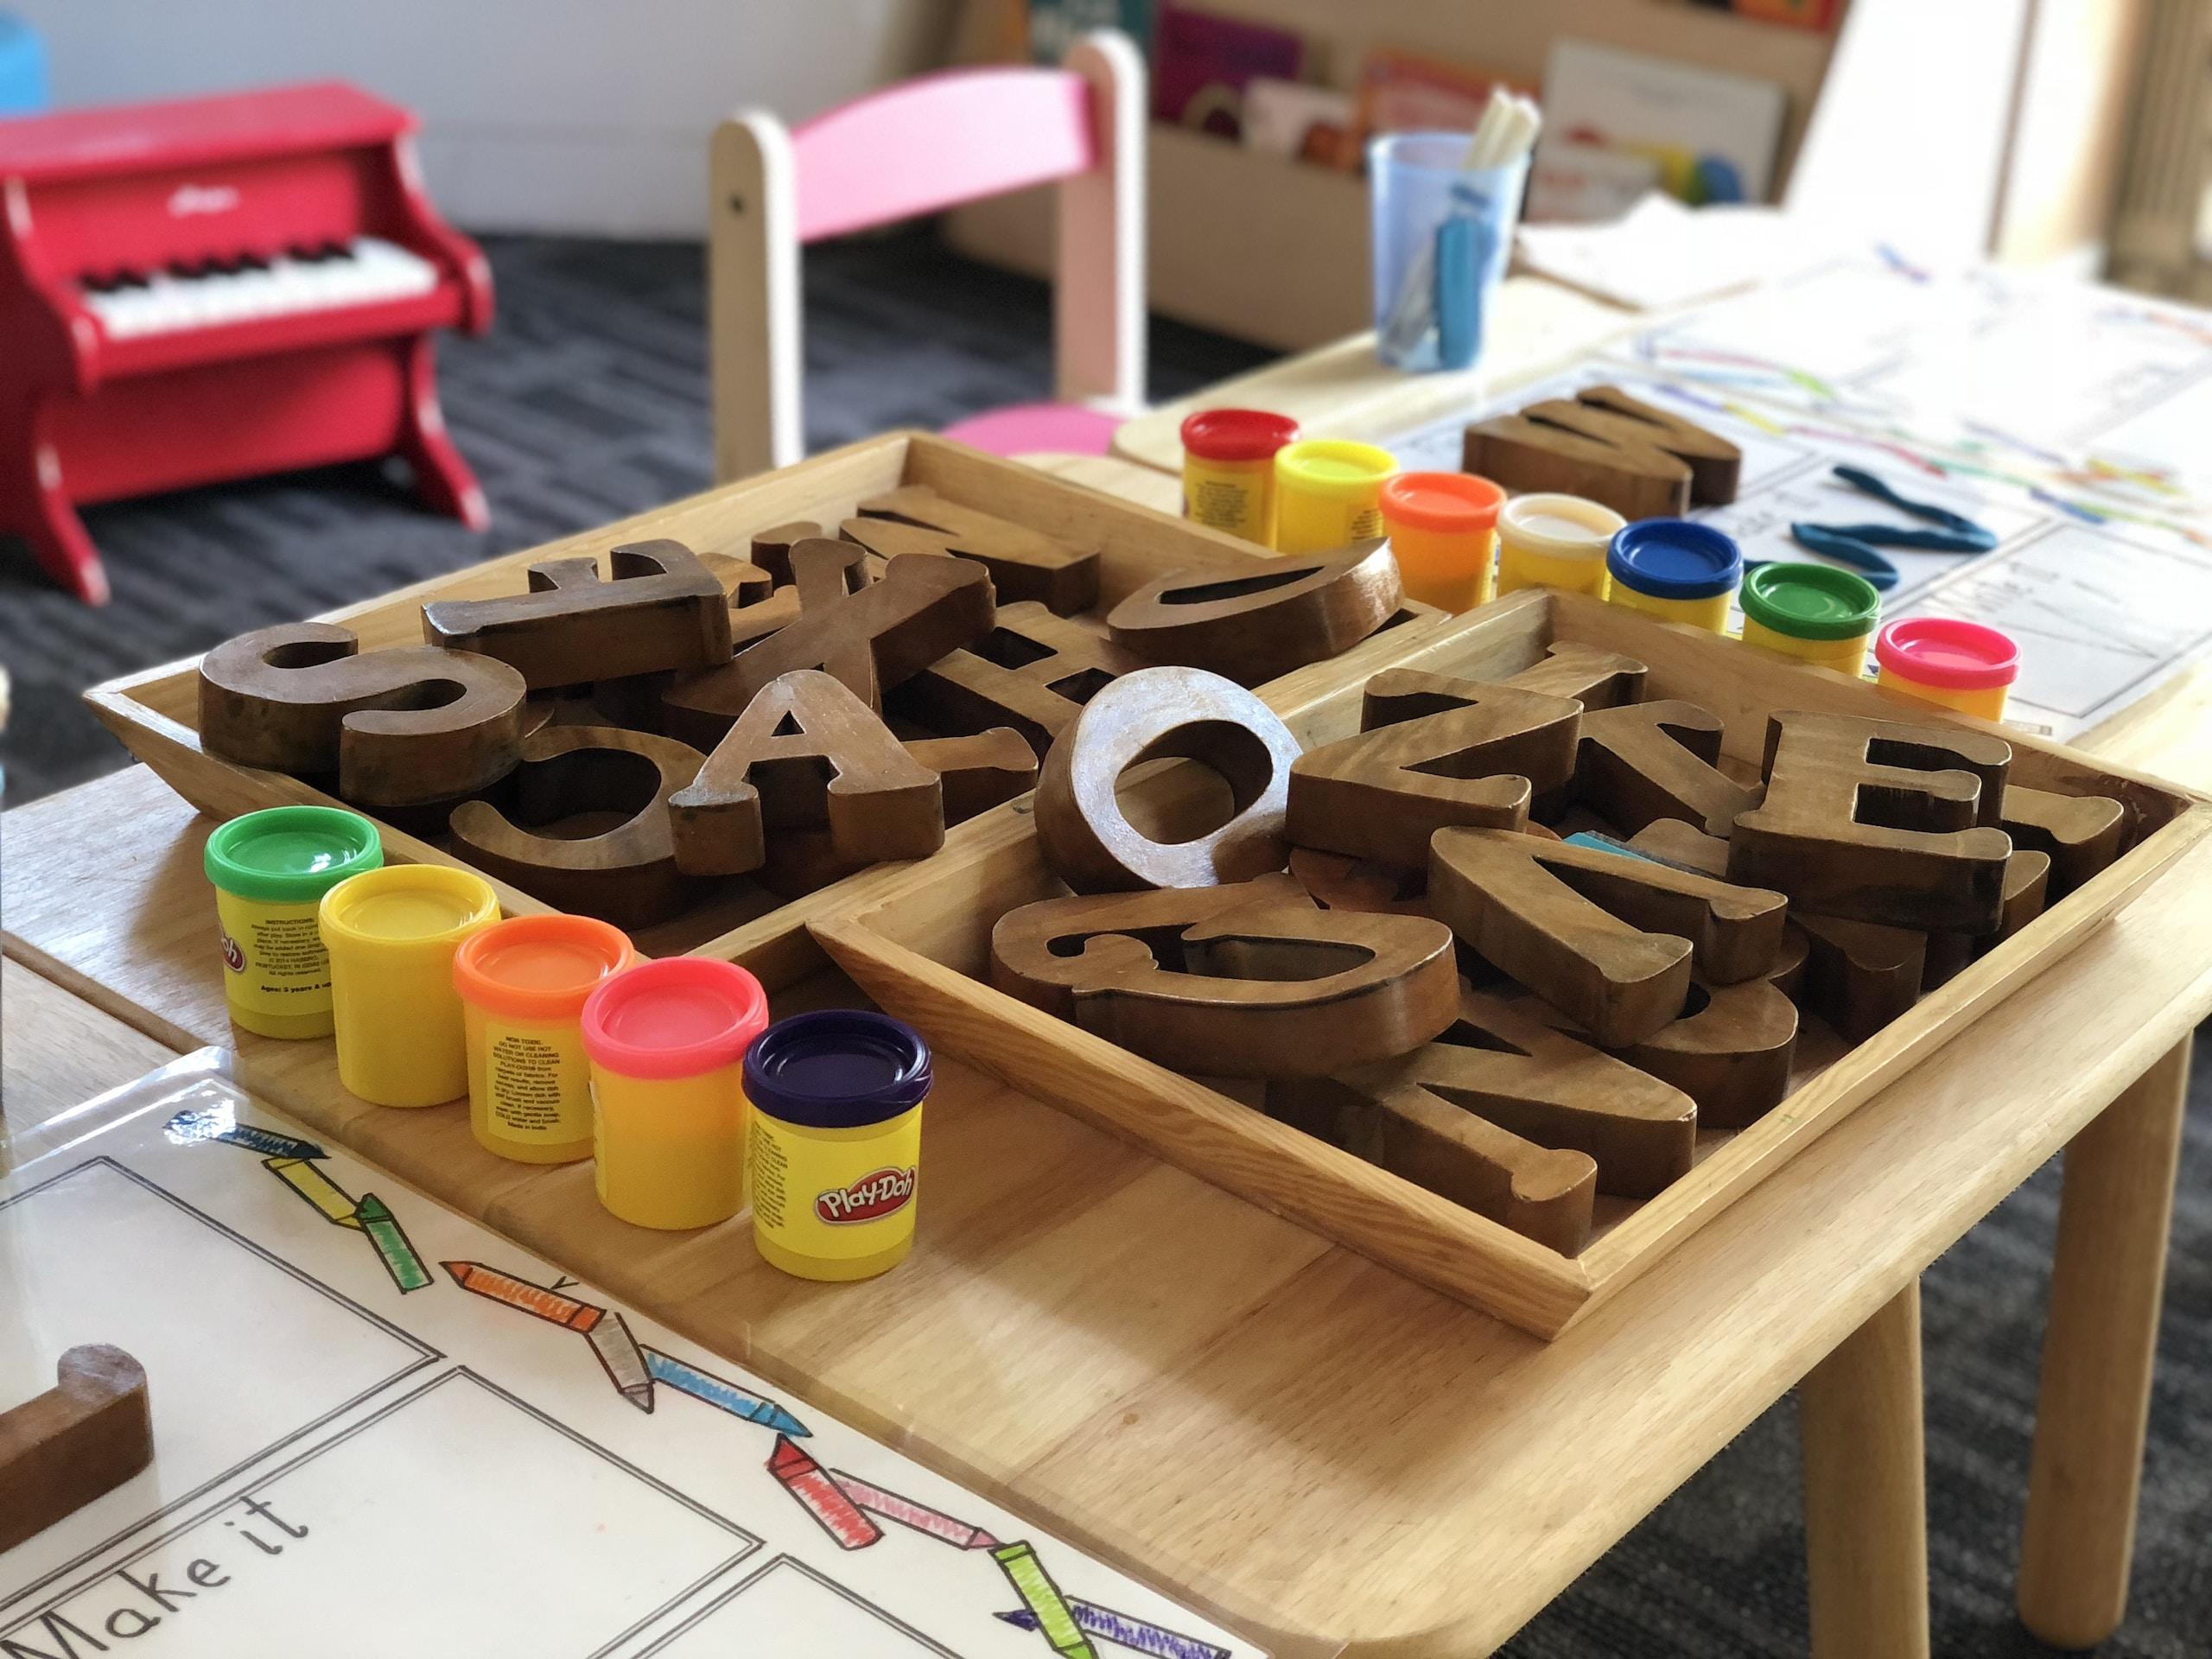 imagen de juguetes de niños en una guardería